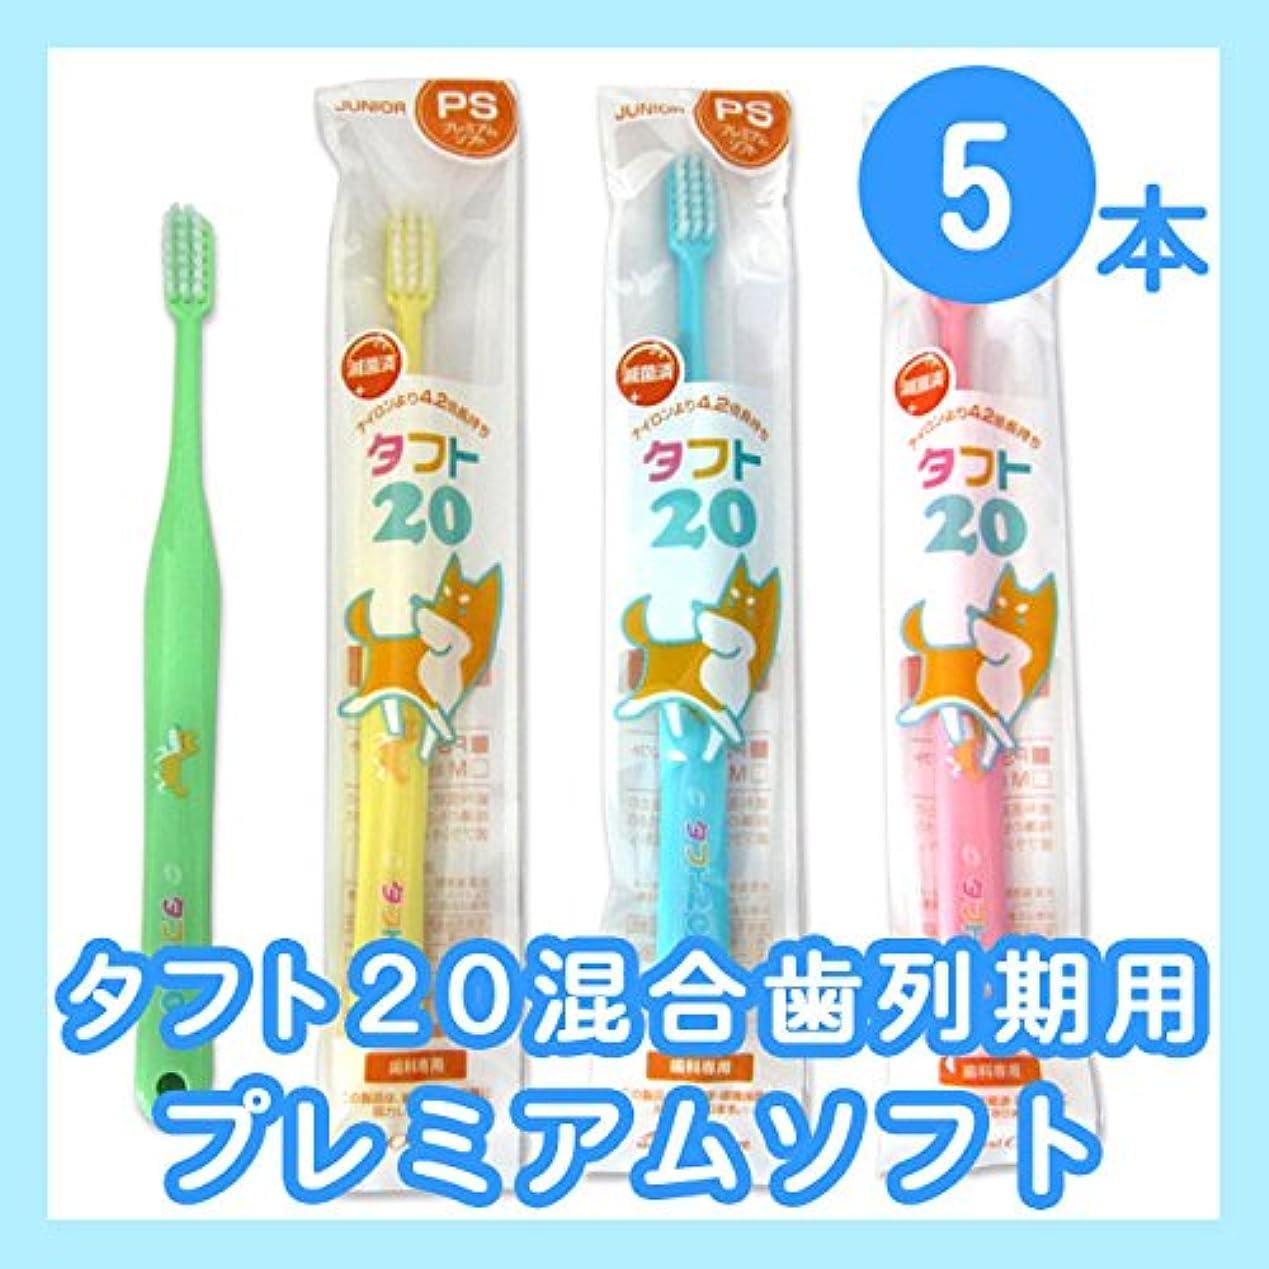 すみませんエゴイズムタイプライタータフト20 5本 オーラルケア タフト20 プレミアムソフト タフト 混合歯列期用(6~12歳) 子供(こども) 歯ブラシ 5本セ グリーン